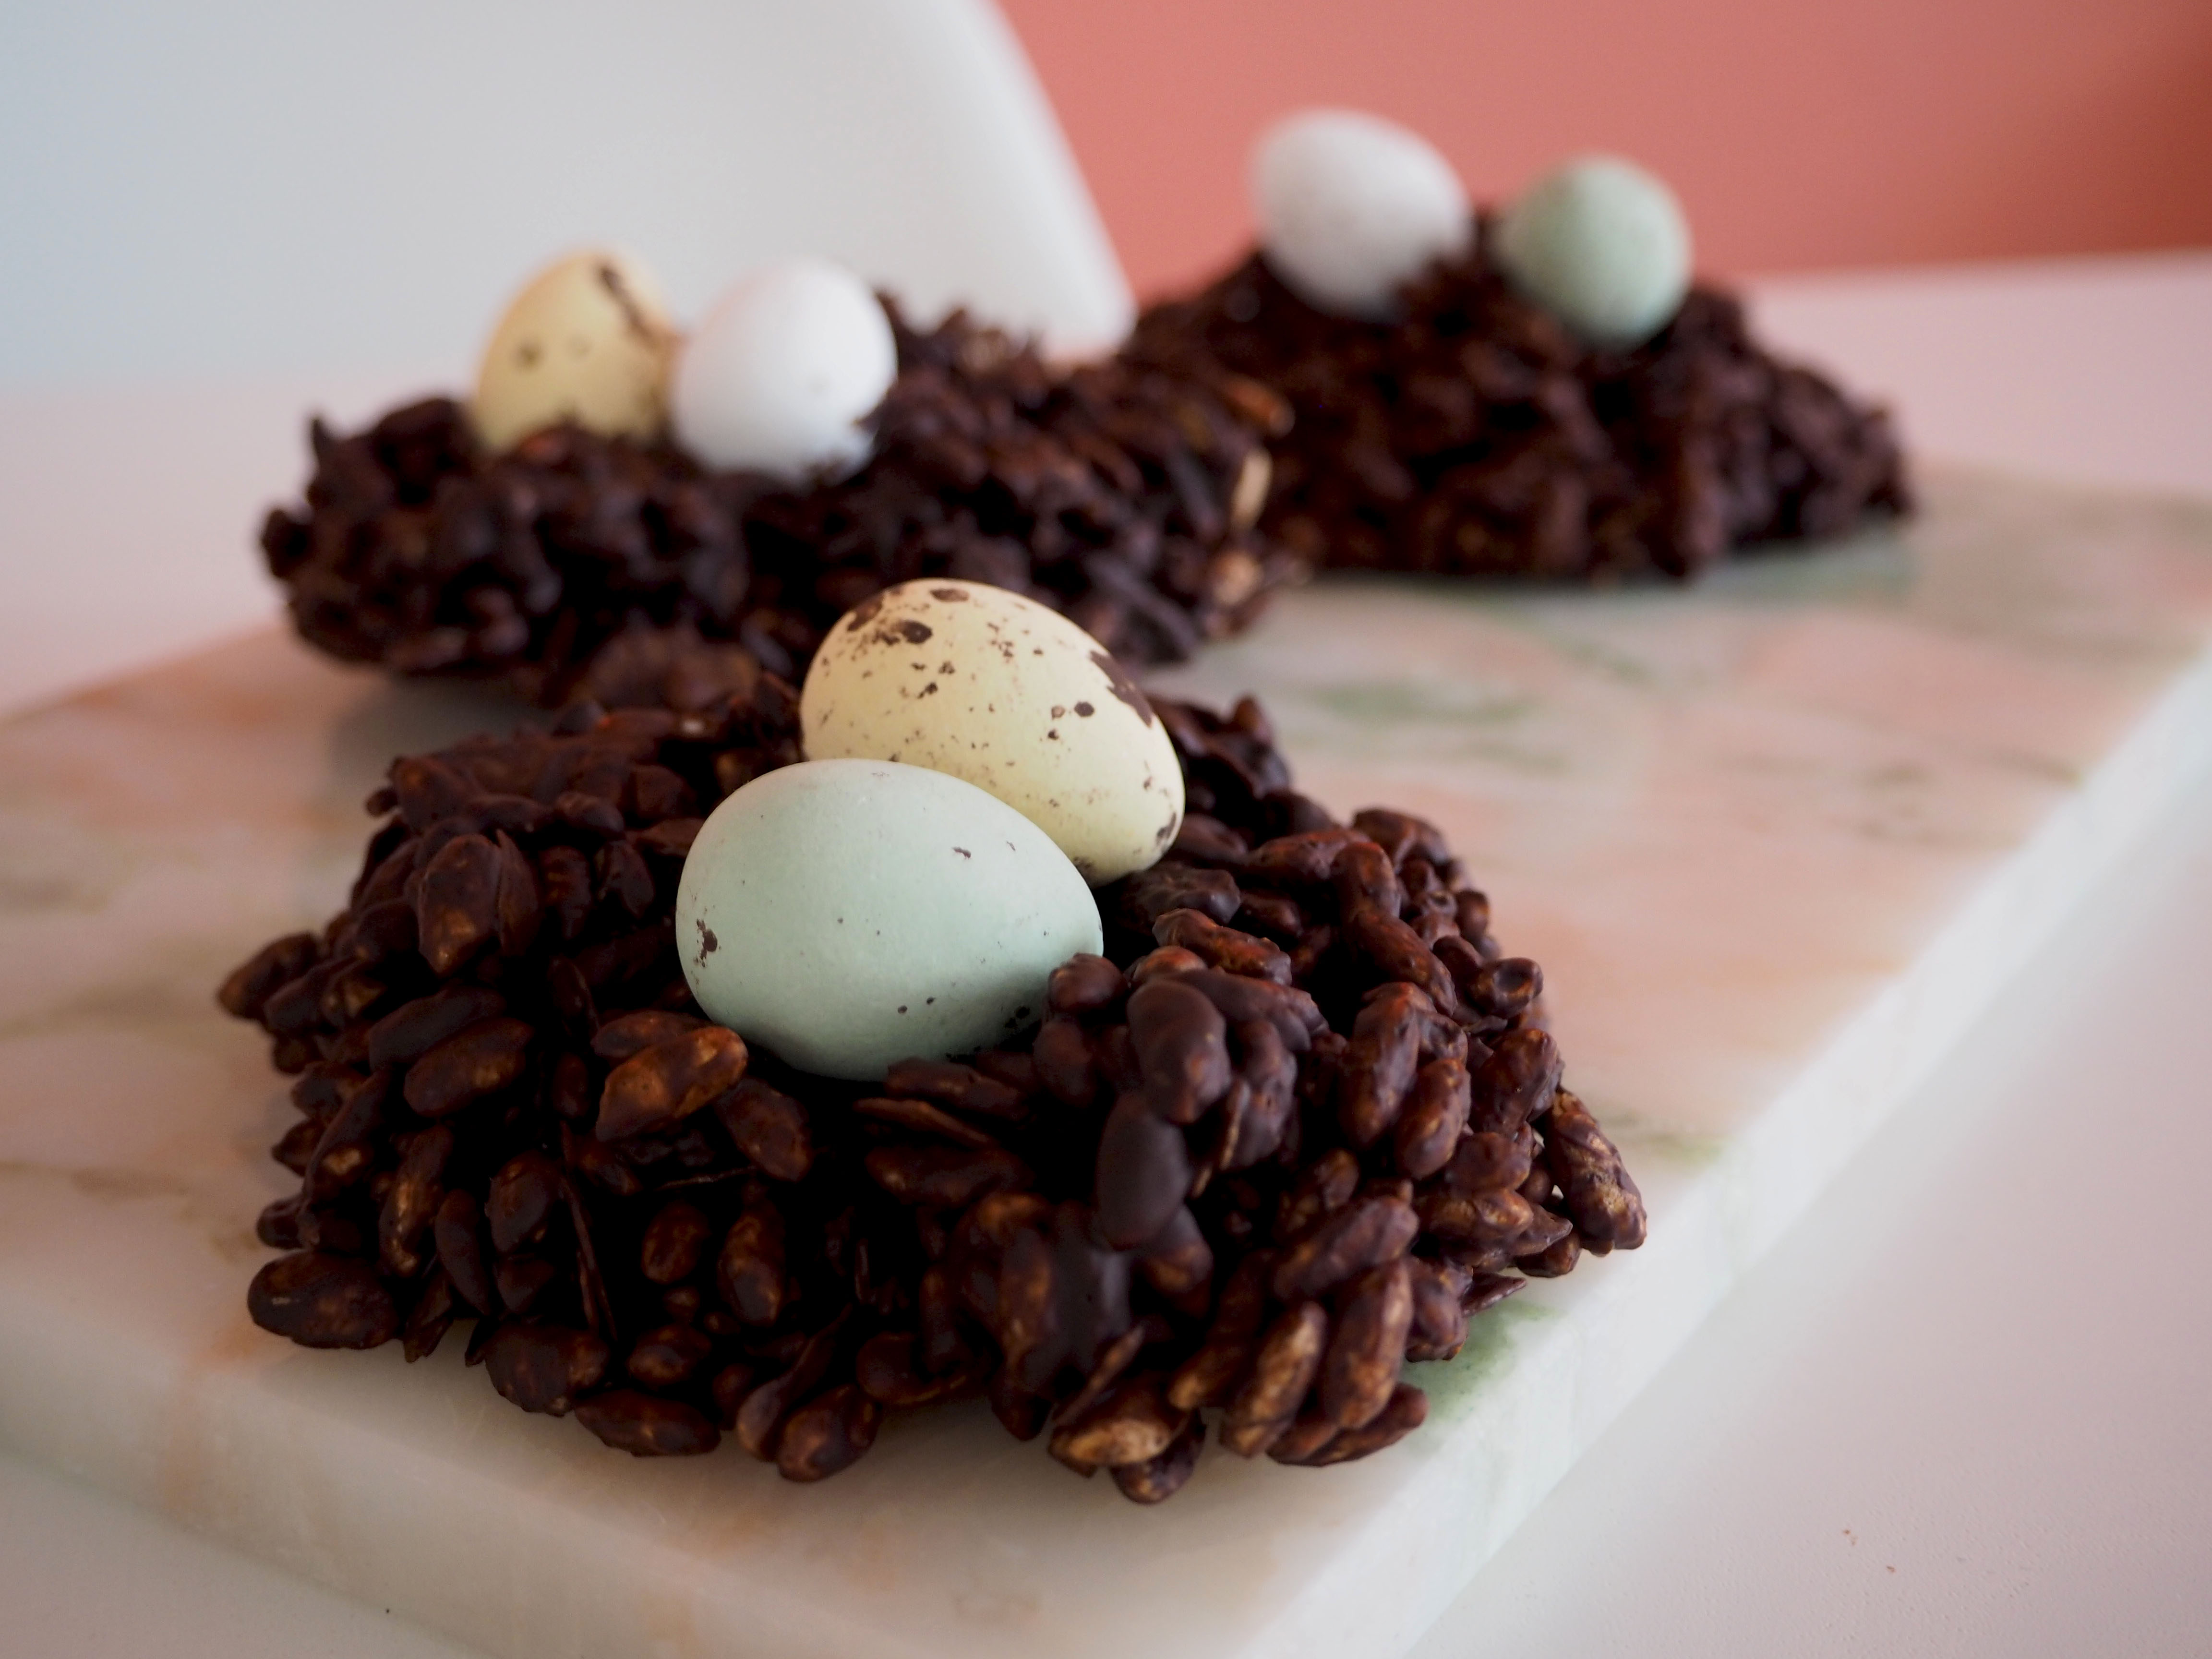 vogelnestjes van chocolade en gepofte rijst